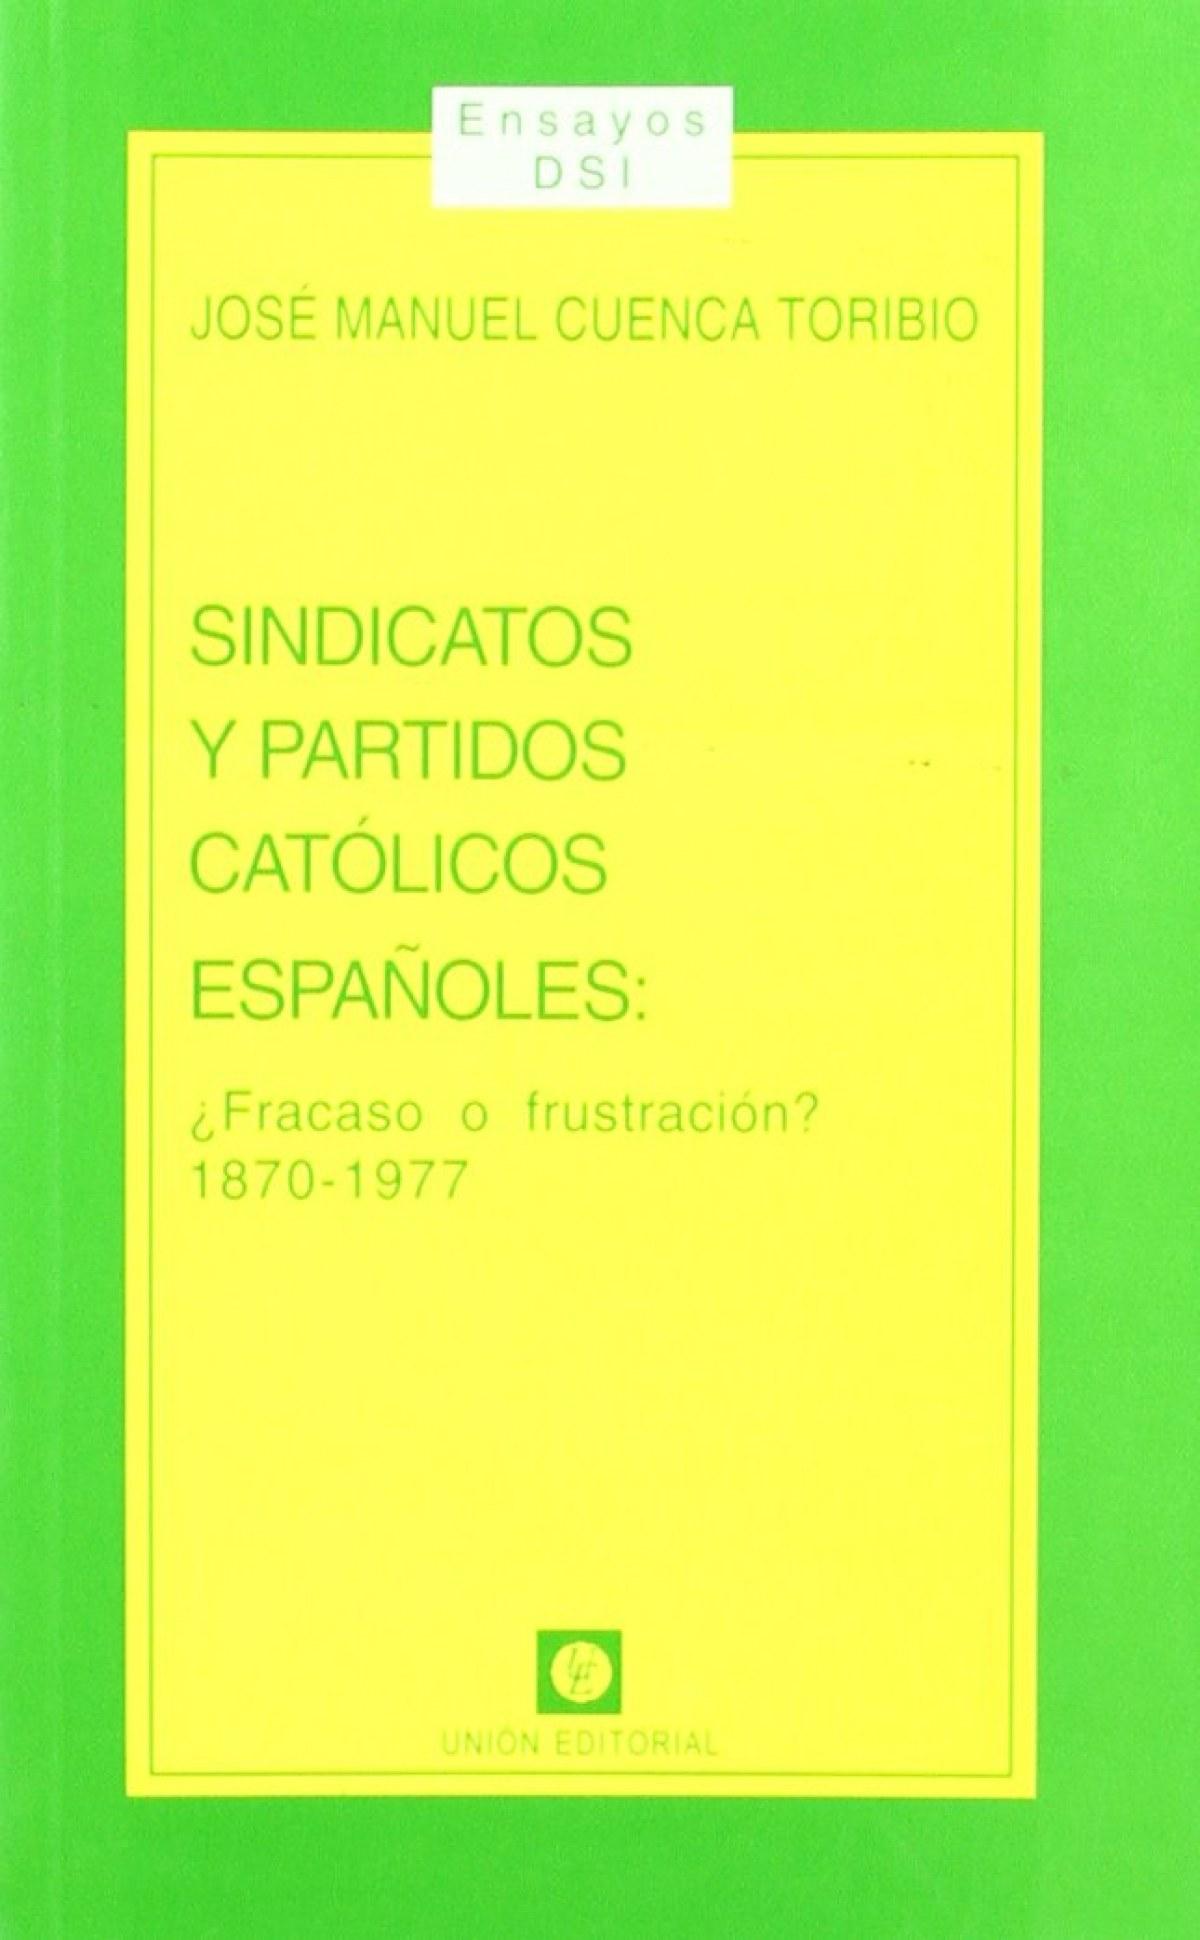 Sindicatos Y Partidos Catolicos Español